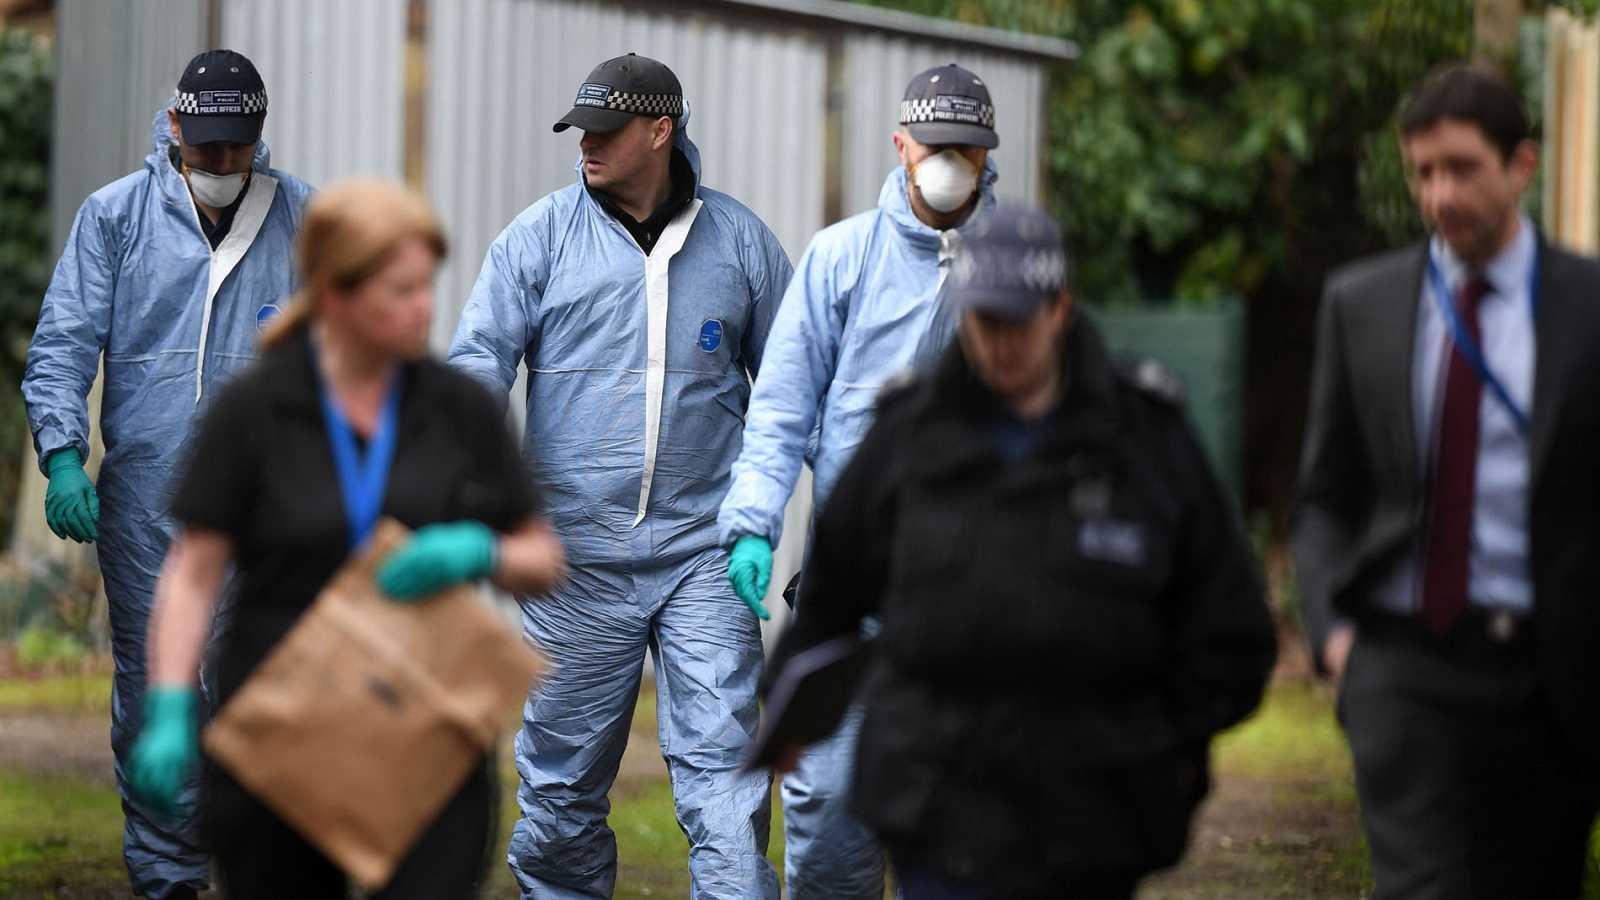 El autor del ataque en Londres estuvo en prisión por propaganda yihadista